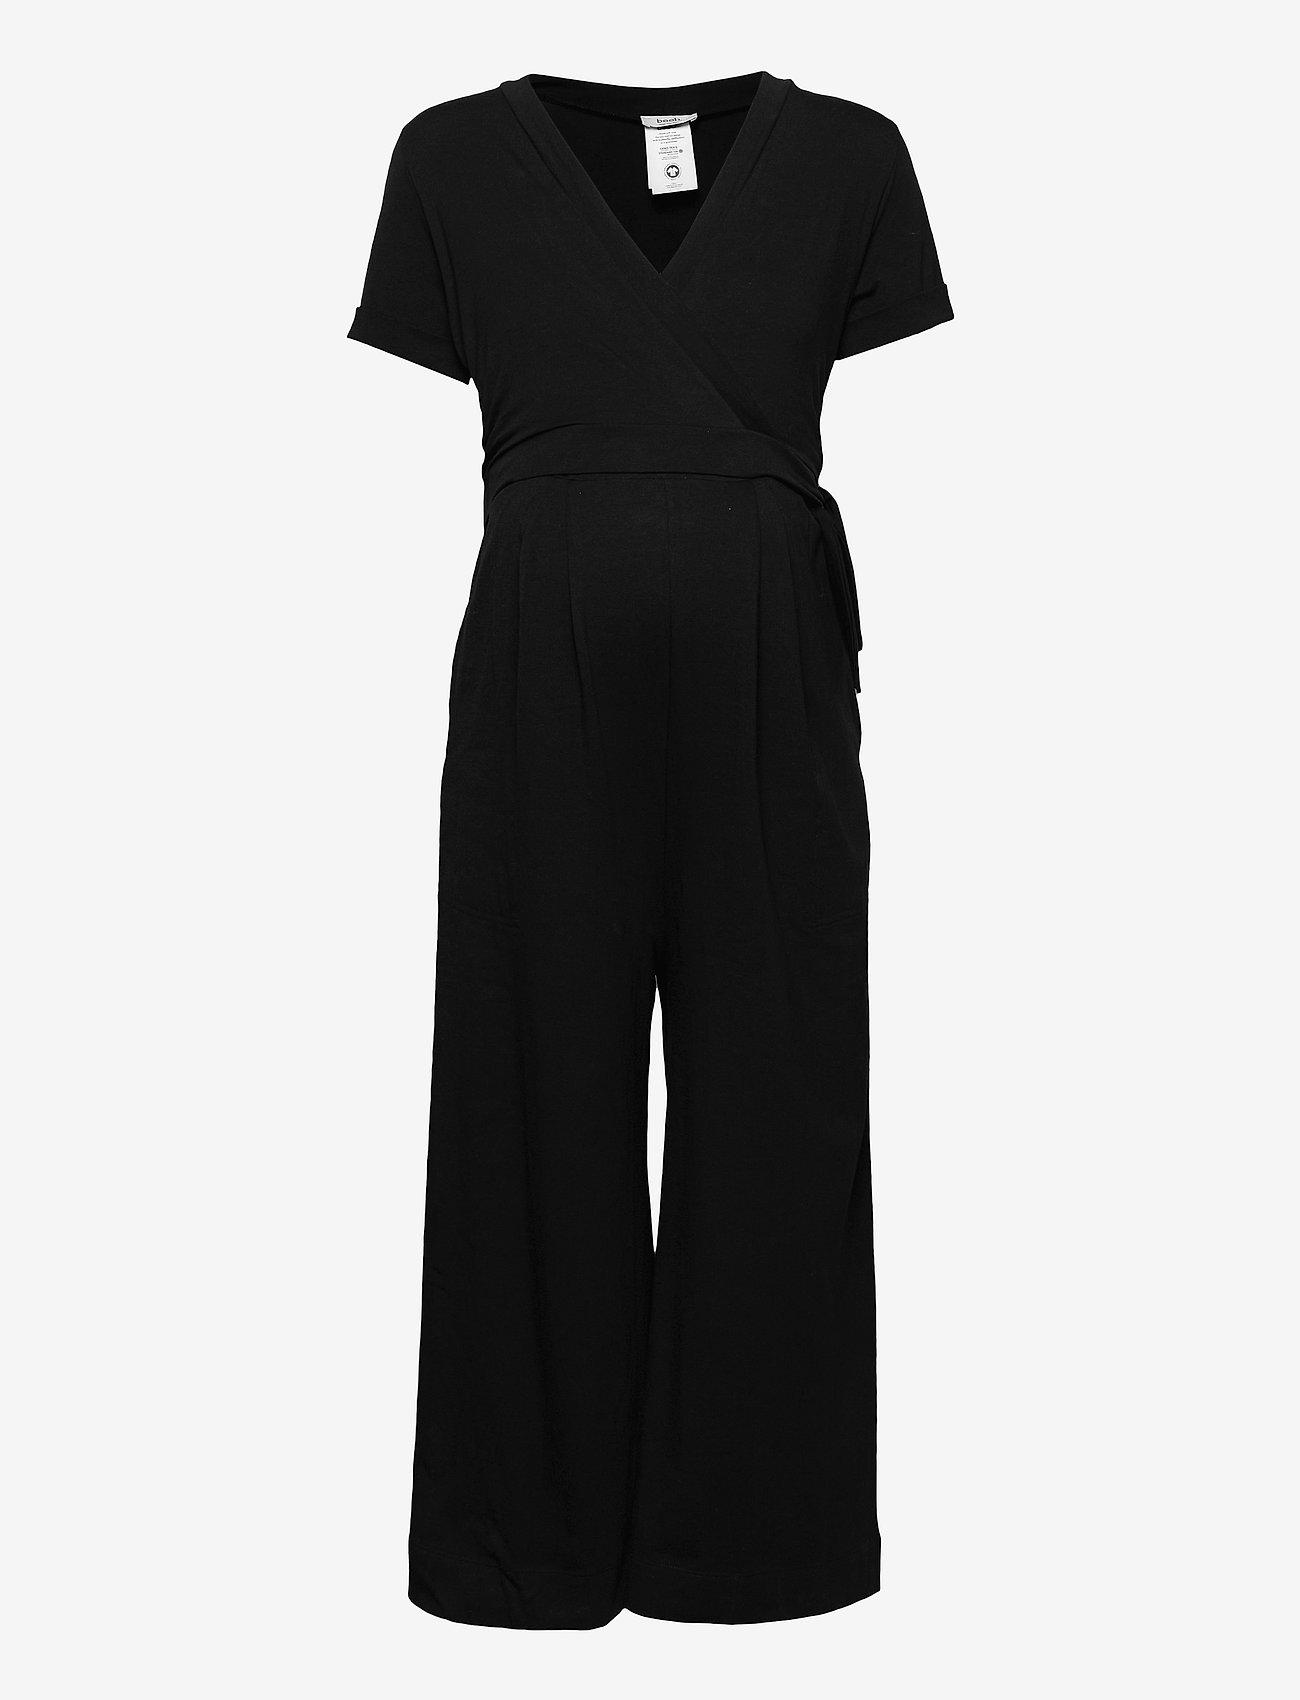 Boob - Amelia jumpsuit - kleding - black - 0